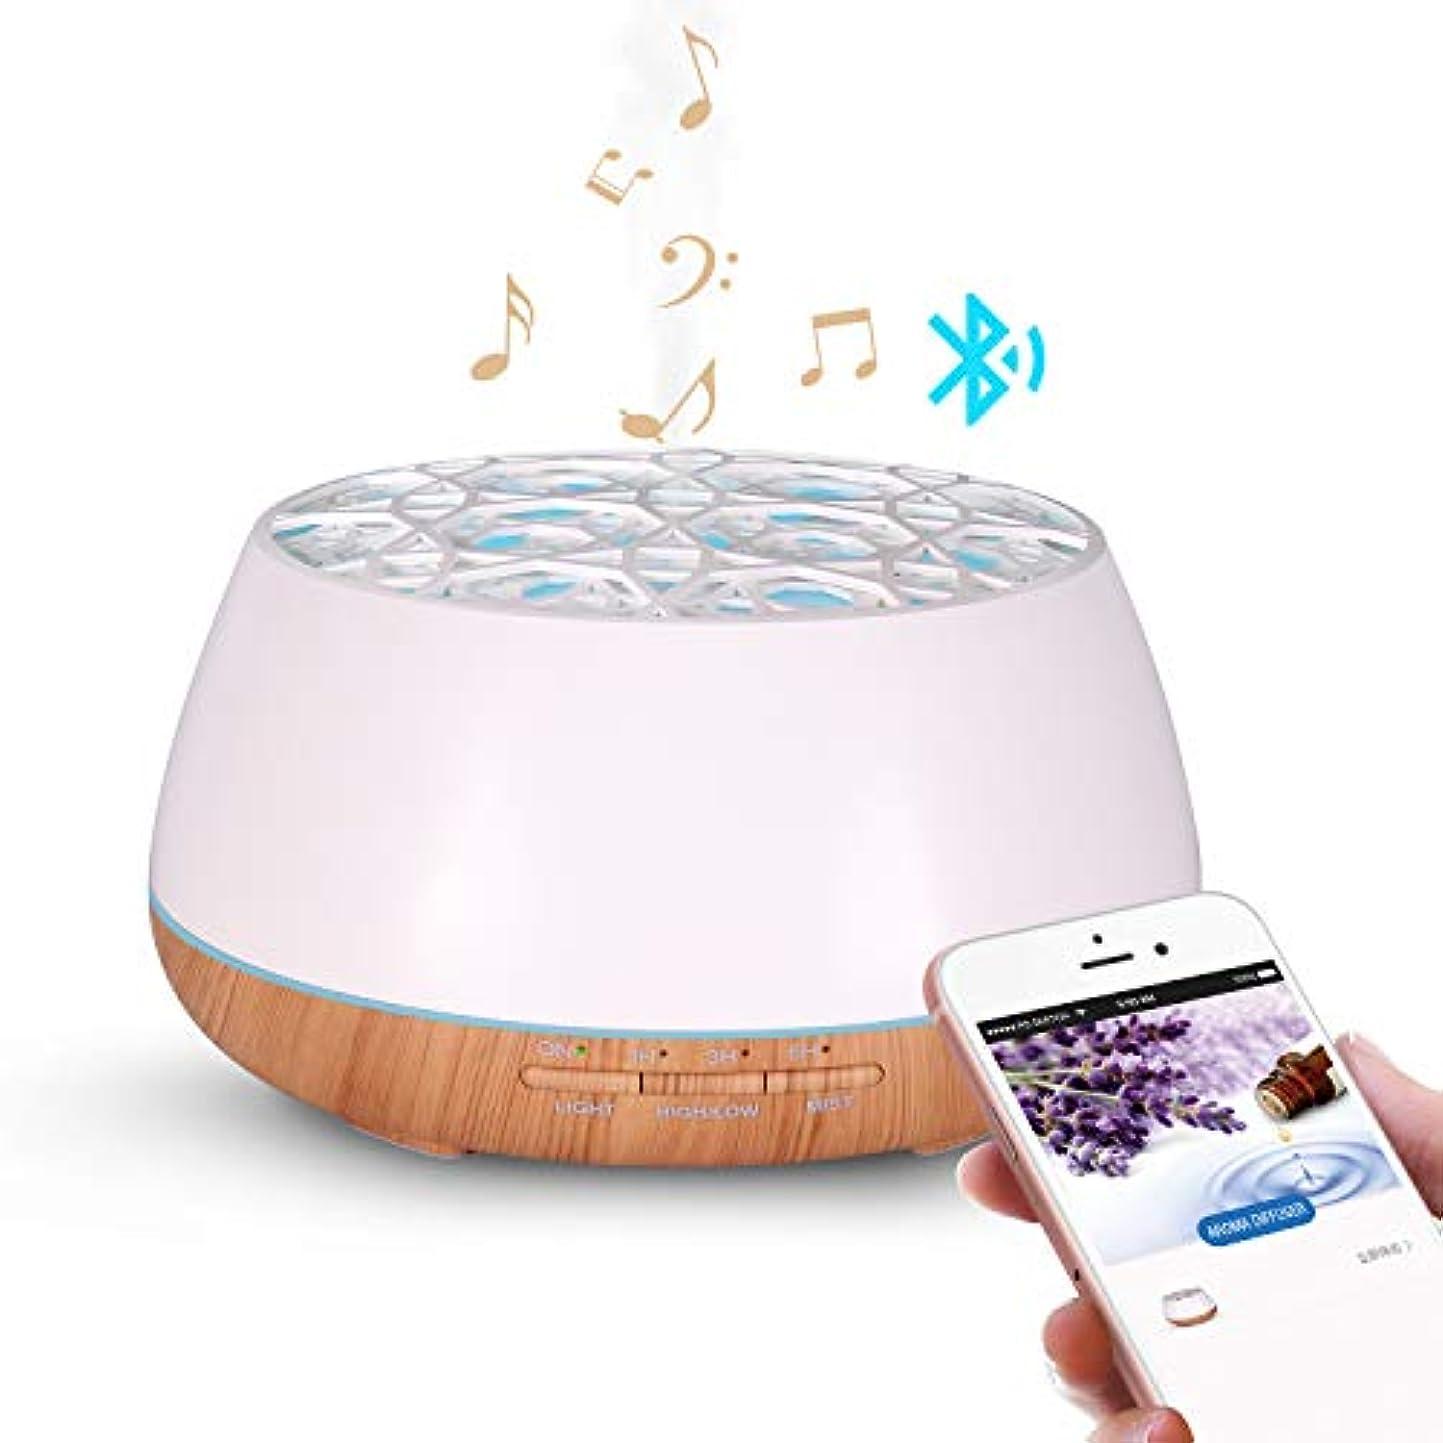 バブル最適博覧会スマートエッセンシャルオイルディフューザー、400mlアロマセラピーエッセンシャルオイルBluetooth超音波加湿器アロマディフューザー8色LEDライト自動シャットオフ